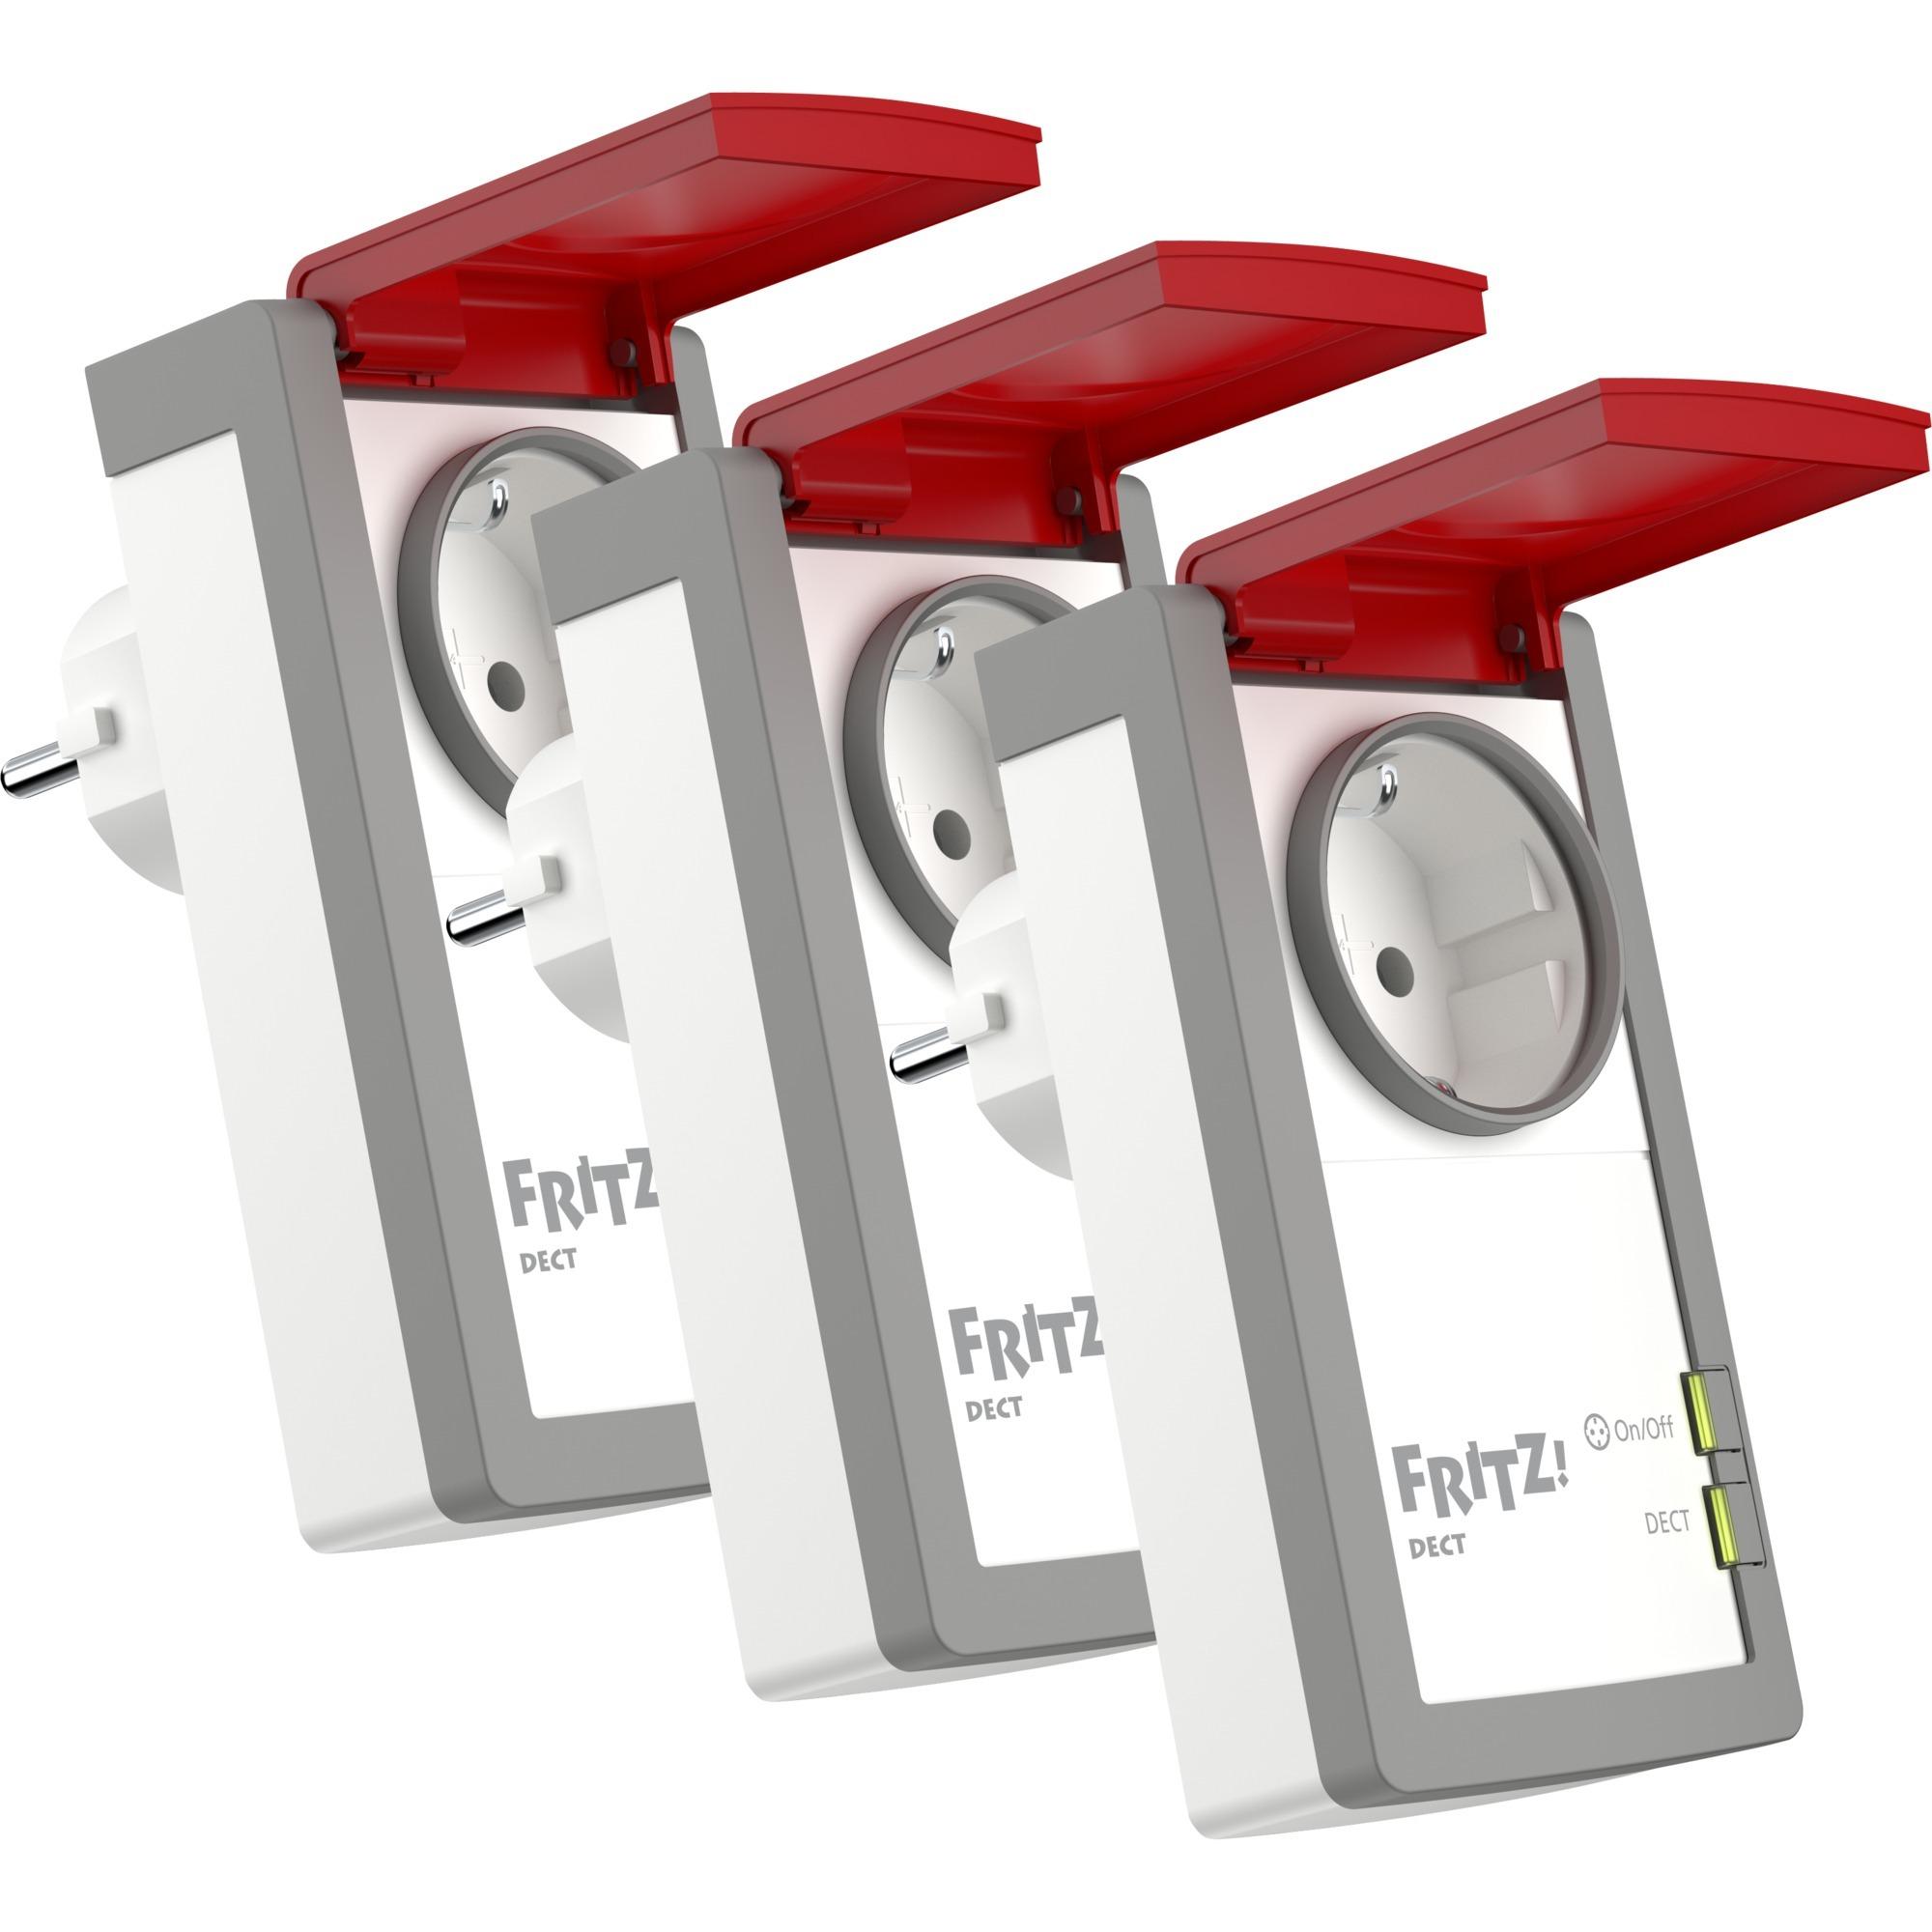 Adaptador universal para enchufes cargador usb precios y - Precio de enchufes ...